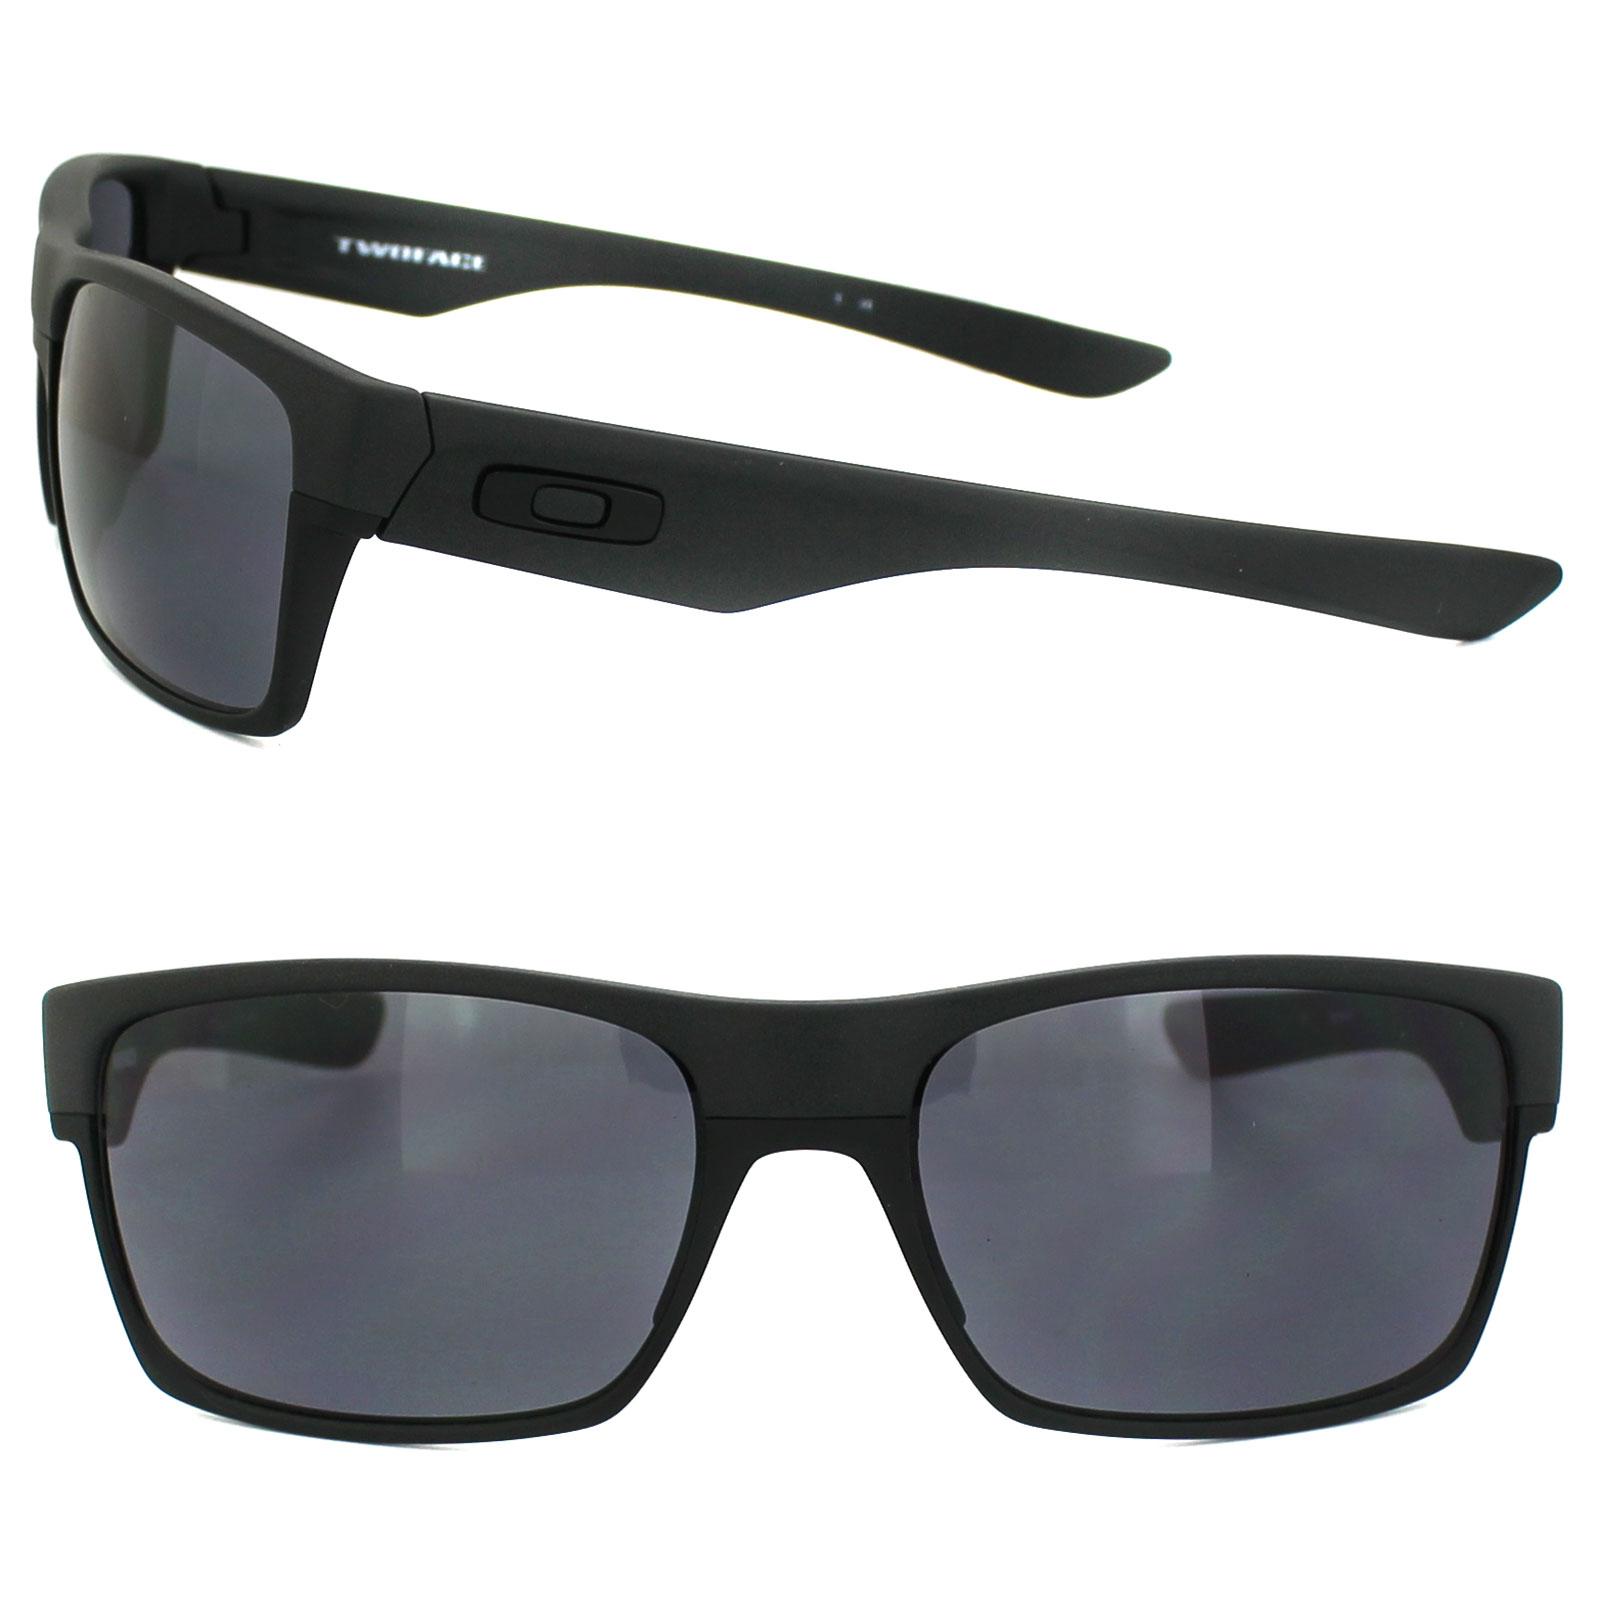 f6577830d5 Sentinel Oakley Sunglasses TwoFace OO9189-05 Steel Grey